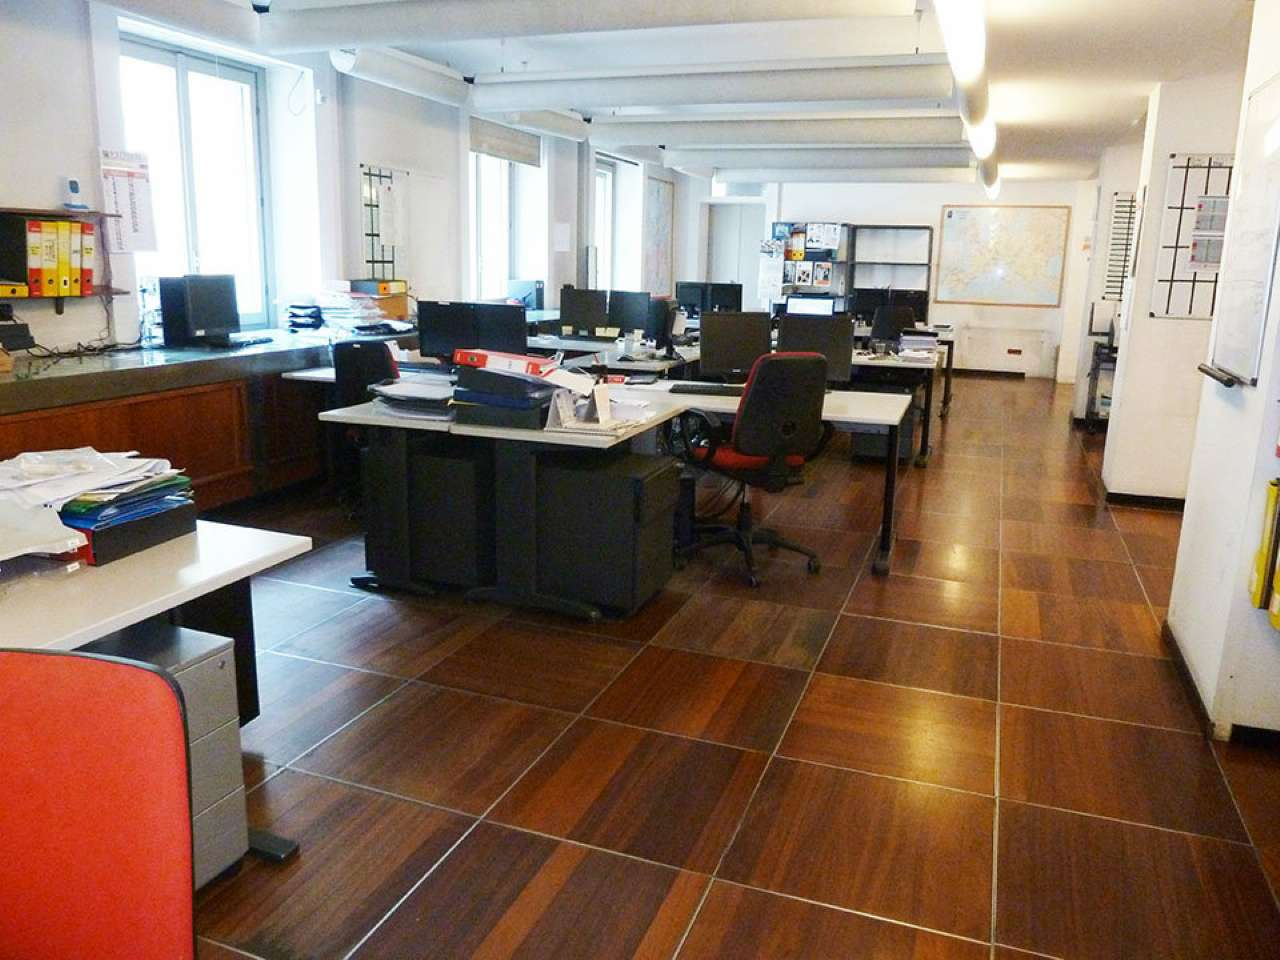 Ufficio studio in affitto milano via foppa for Affitto ufficio